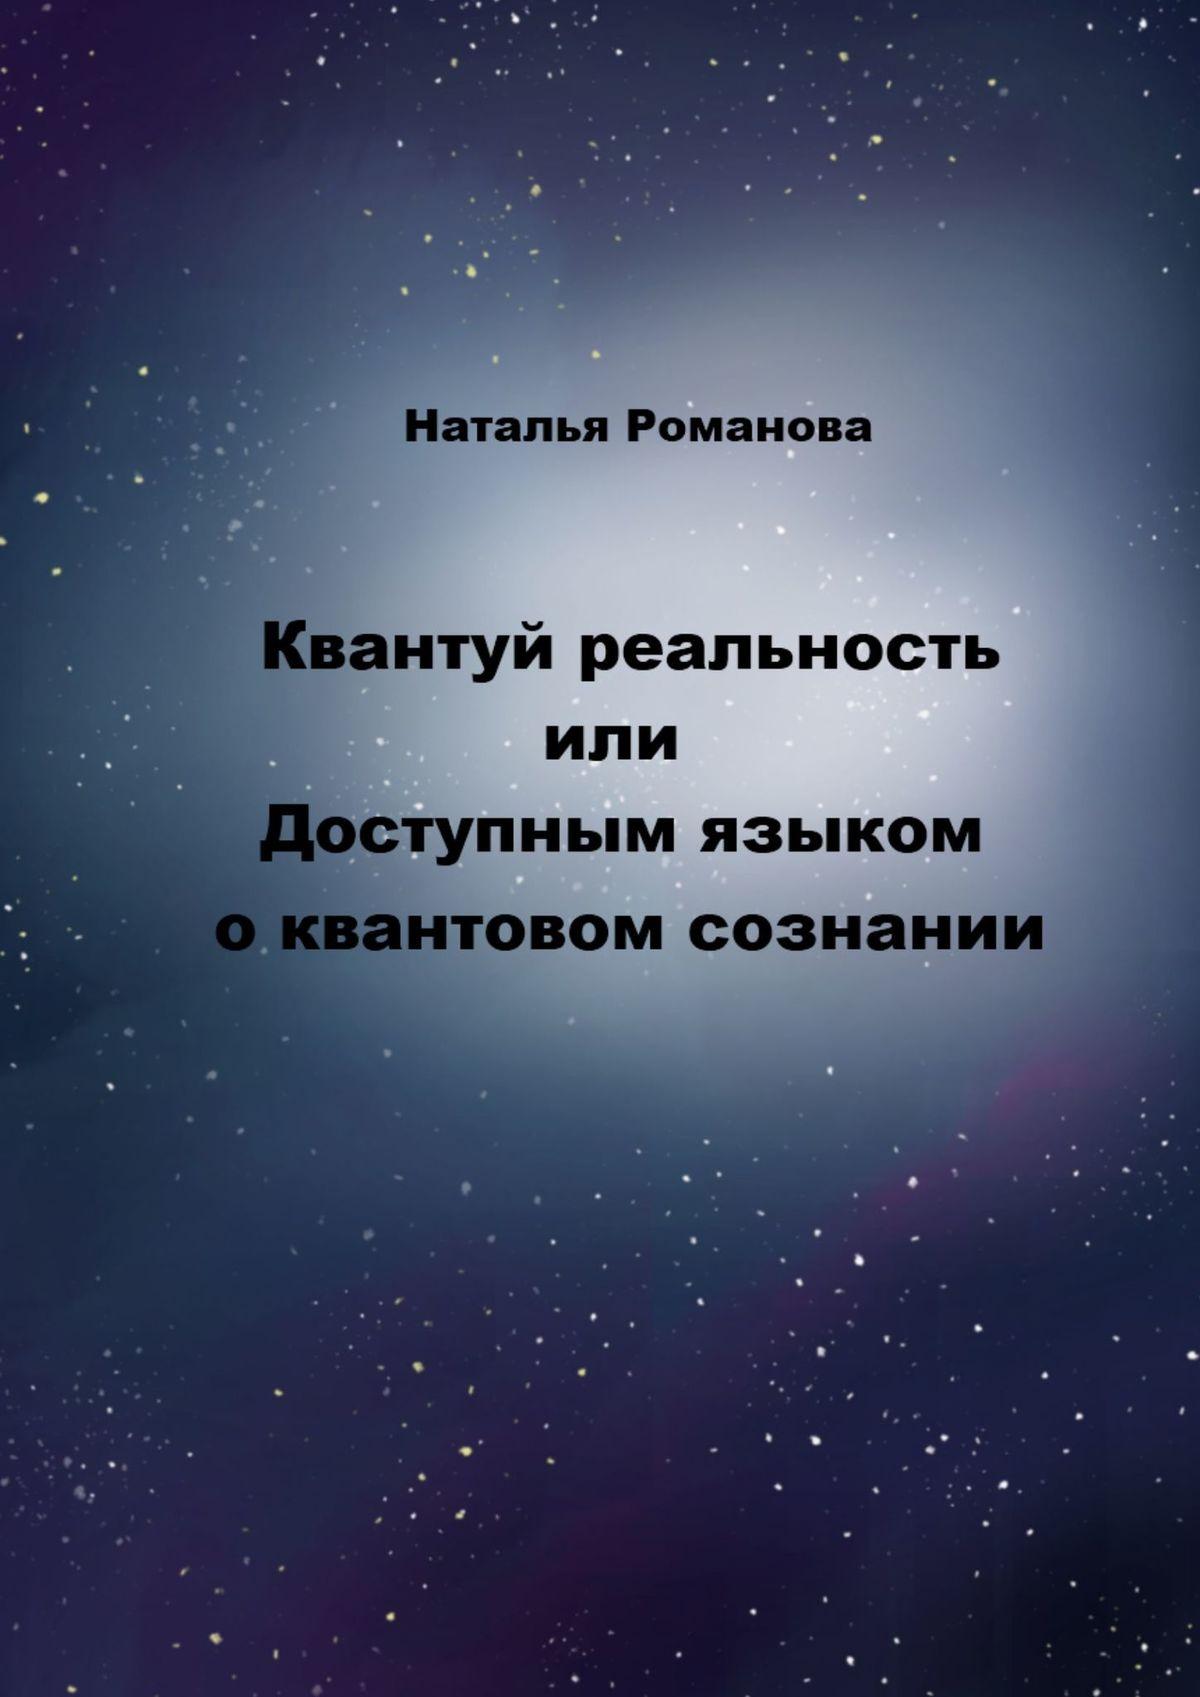 Купить книгу Квантуй реальность, или Доступным языком оквантовом сознании, автора Натальи Романовой